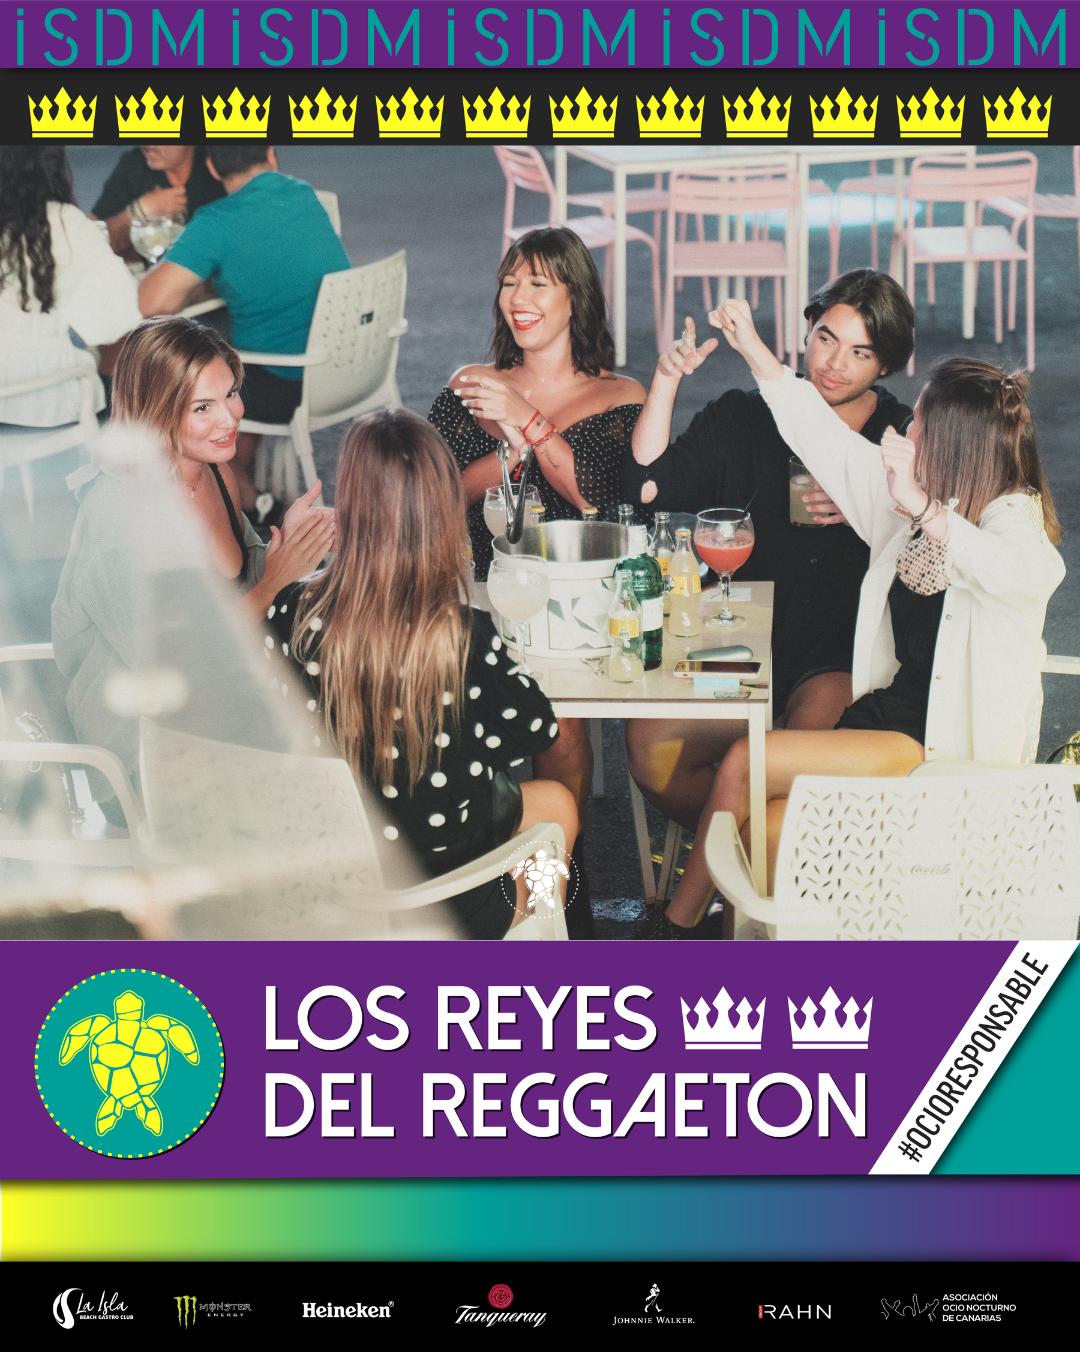 Los Reyes del Reggaetón de Tenerife Sábado 21 de Noviembre Terraza Isla de Mar